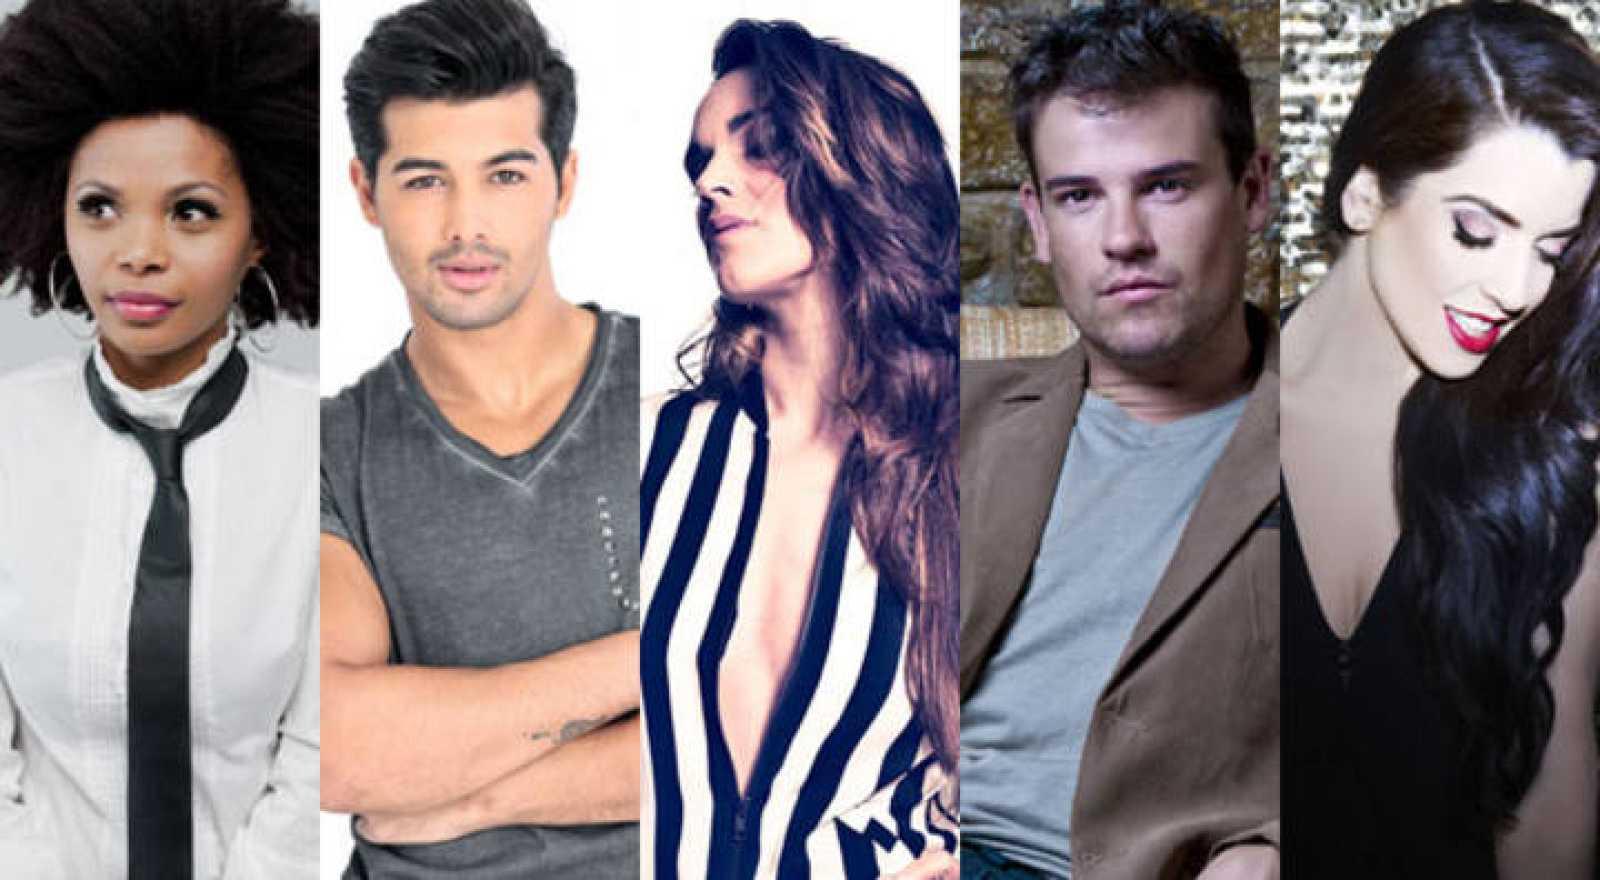 Los aspirantes a representar a España en Eurovisión 2014